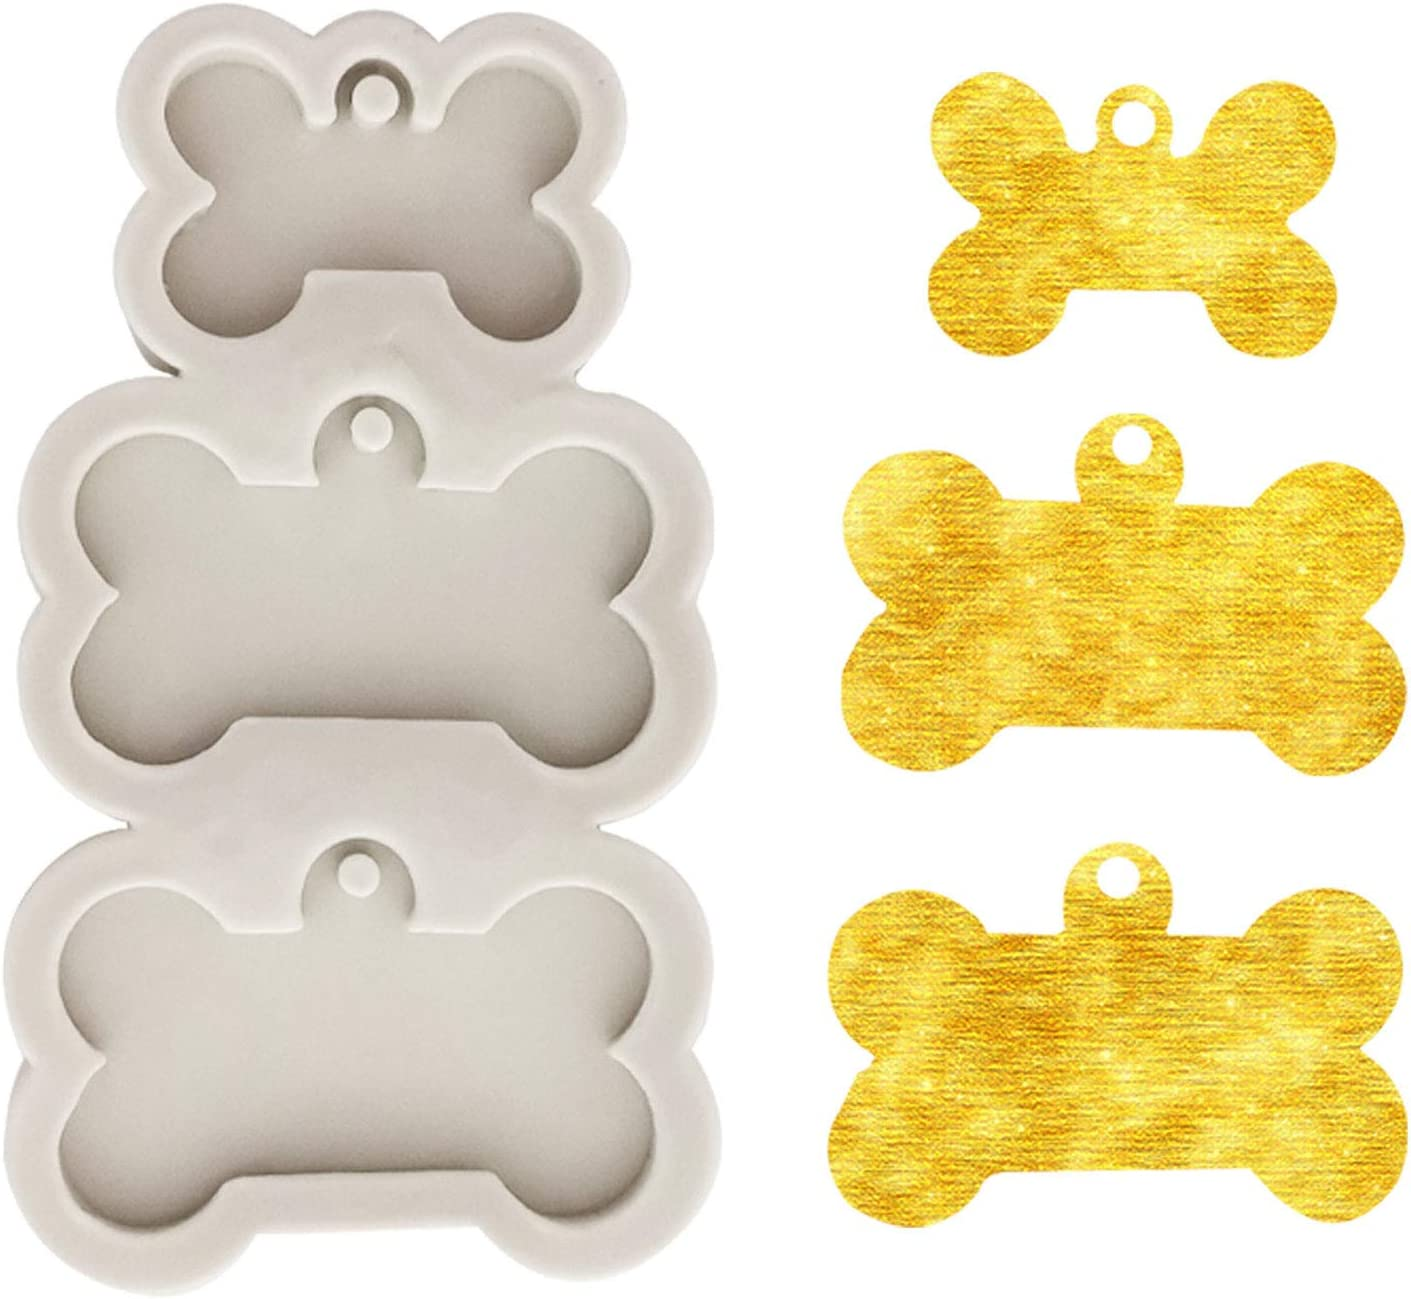 BELTI Ciondolo Appeso in Cristallo epossidico Stampo in Resina Fai da Te medaglietta per Cani a Forma di Osso Portachiavi Stampo in Silicone